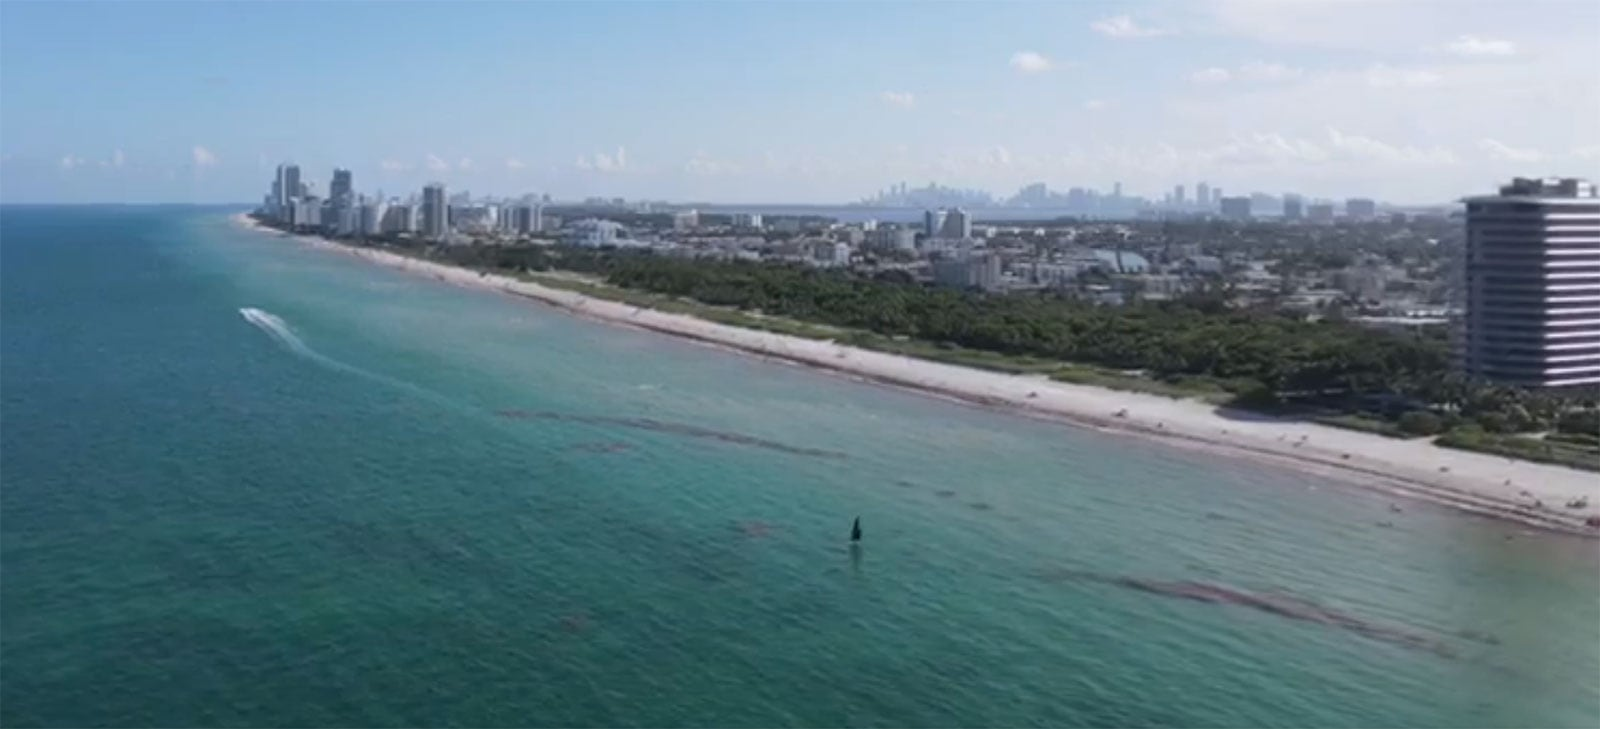 Tiwal Sailing along Miami